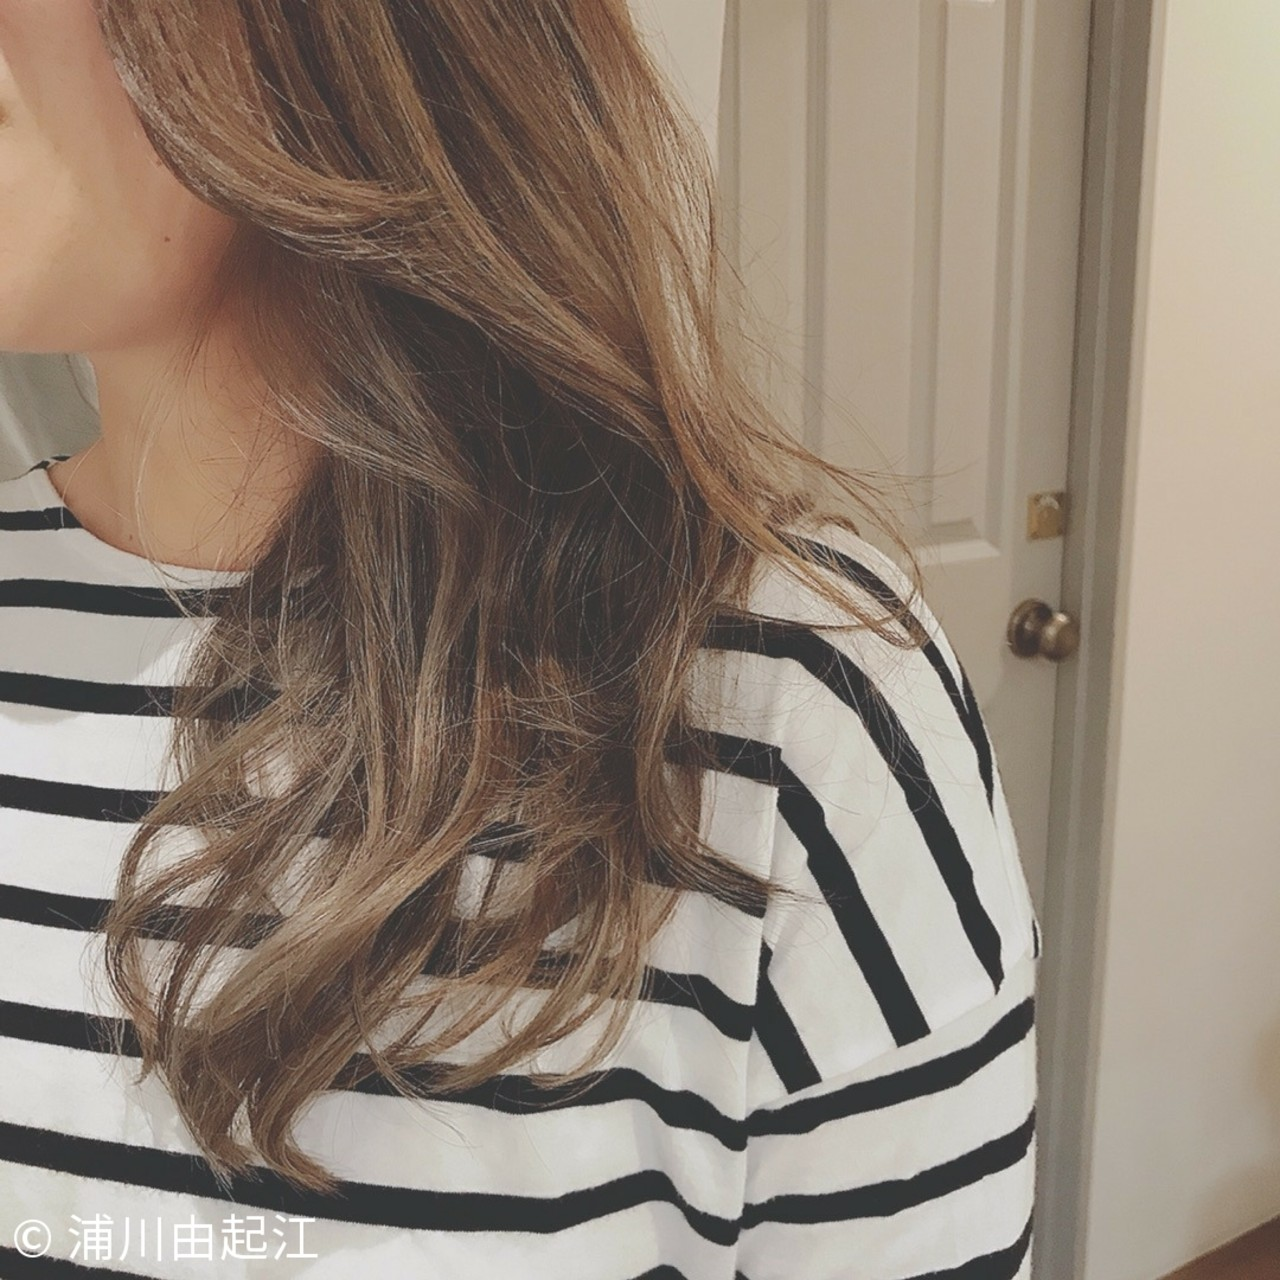 アンニュイほつれヘア グラデーションカラー ゆるふわ セミロング ヘアスタイルや髪型の写真・画像